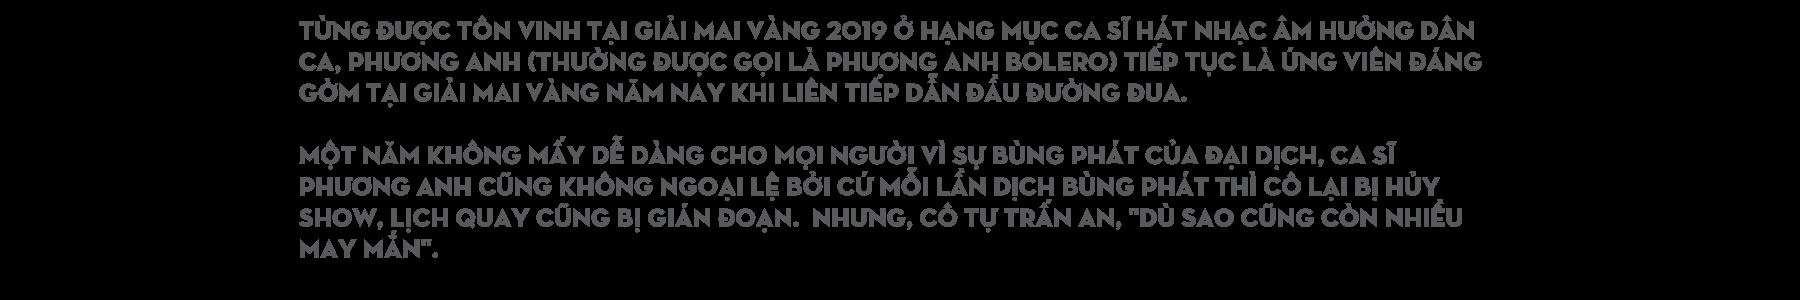 [eMagazine] - Ca sĩ Phương Anh: Cuộc sống mà, không gì là tuyệt đối - Ảnh 1.